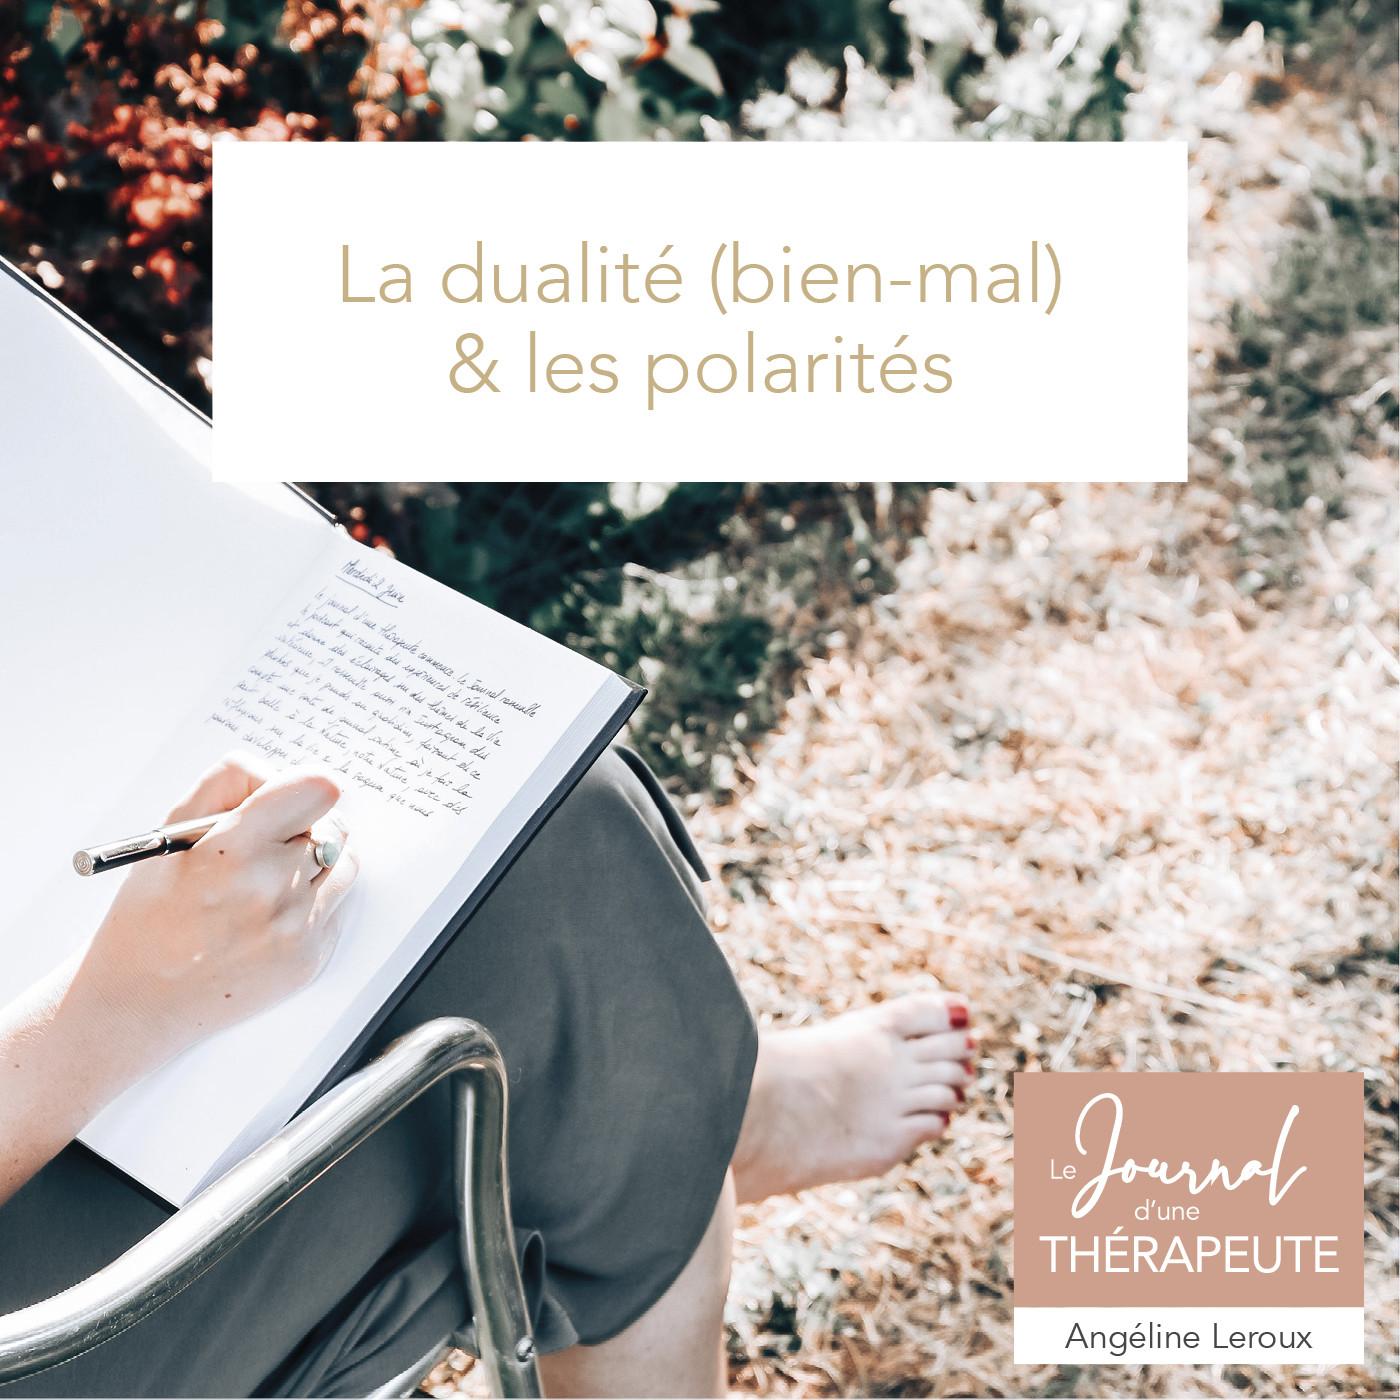 #9 - La dualité / Les polarités